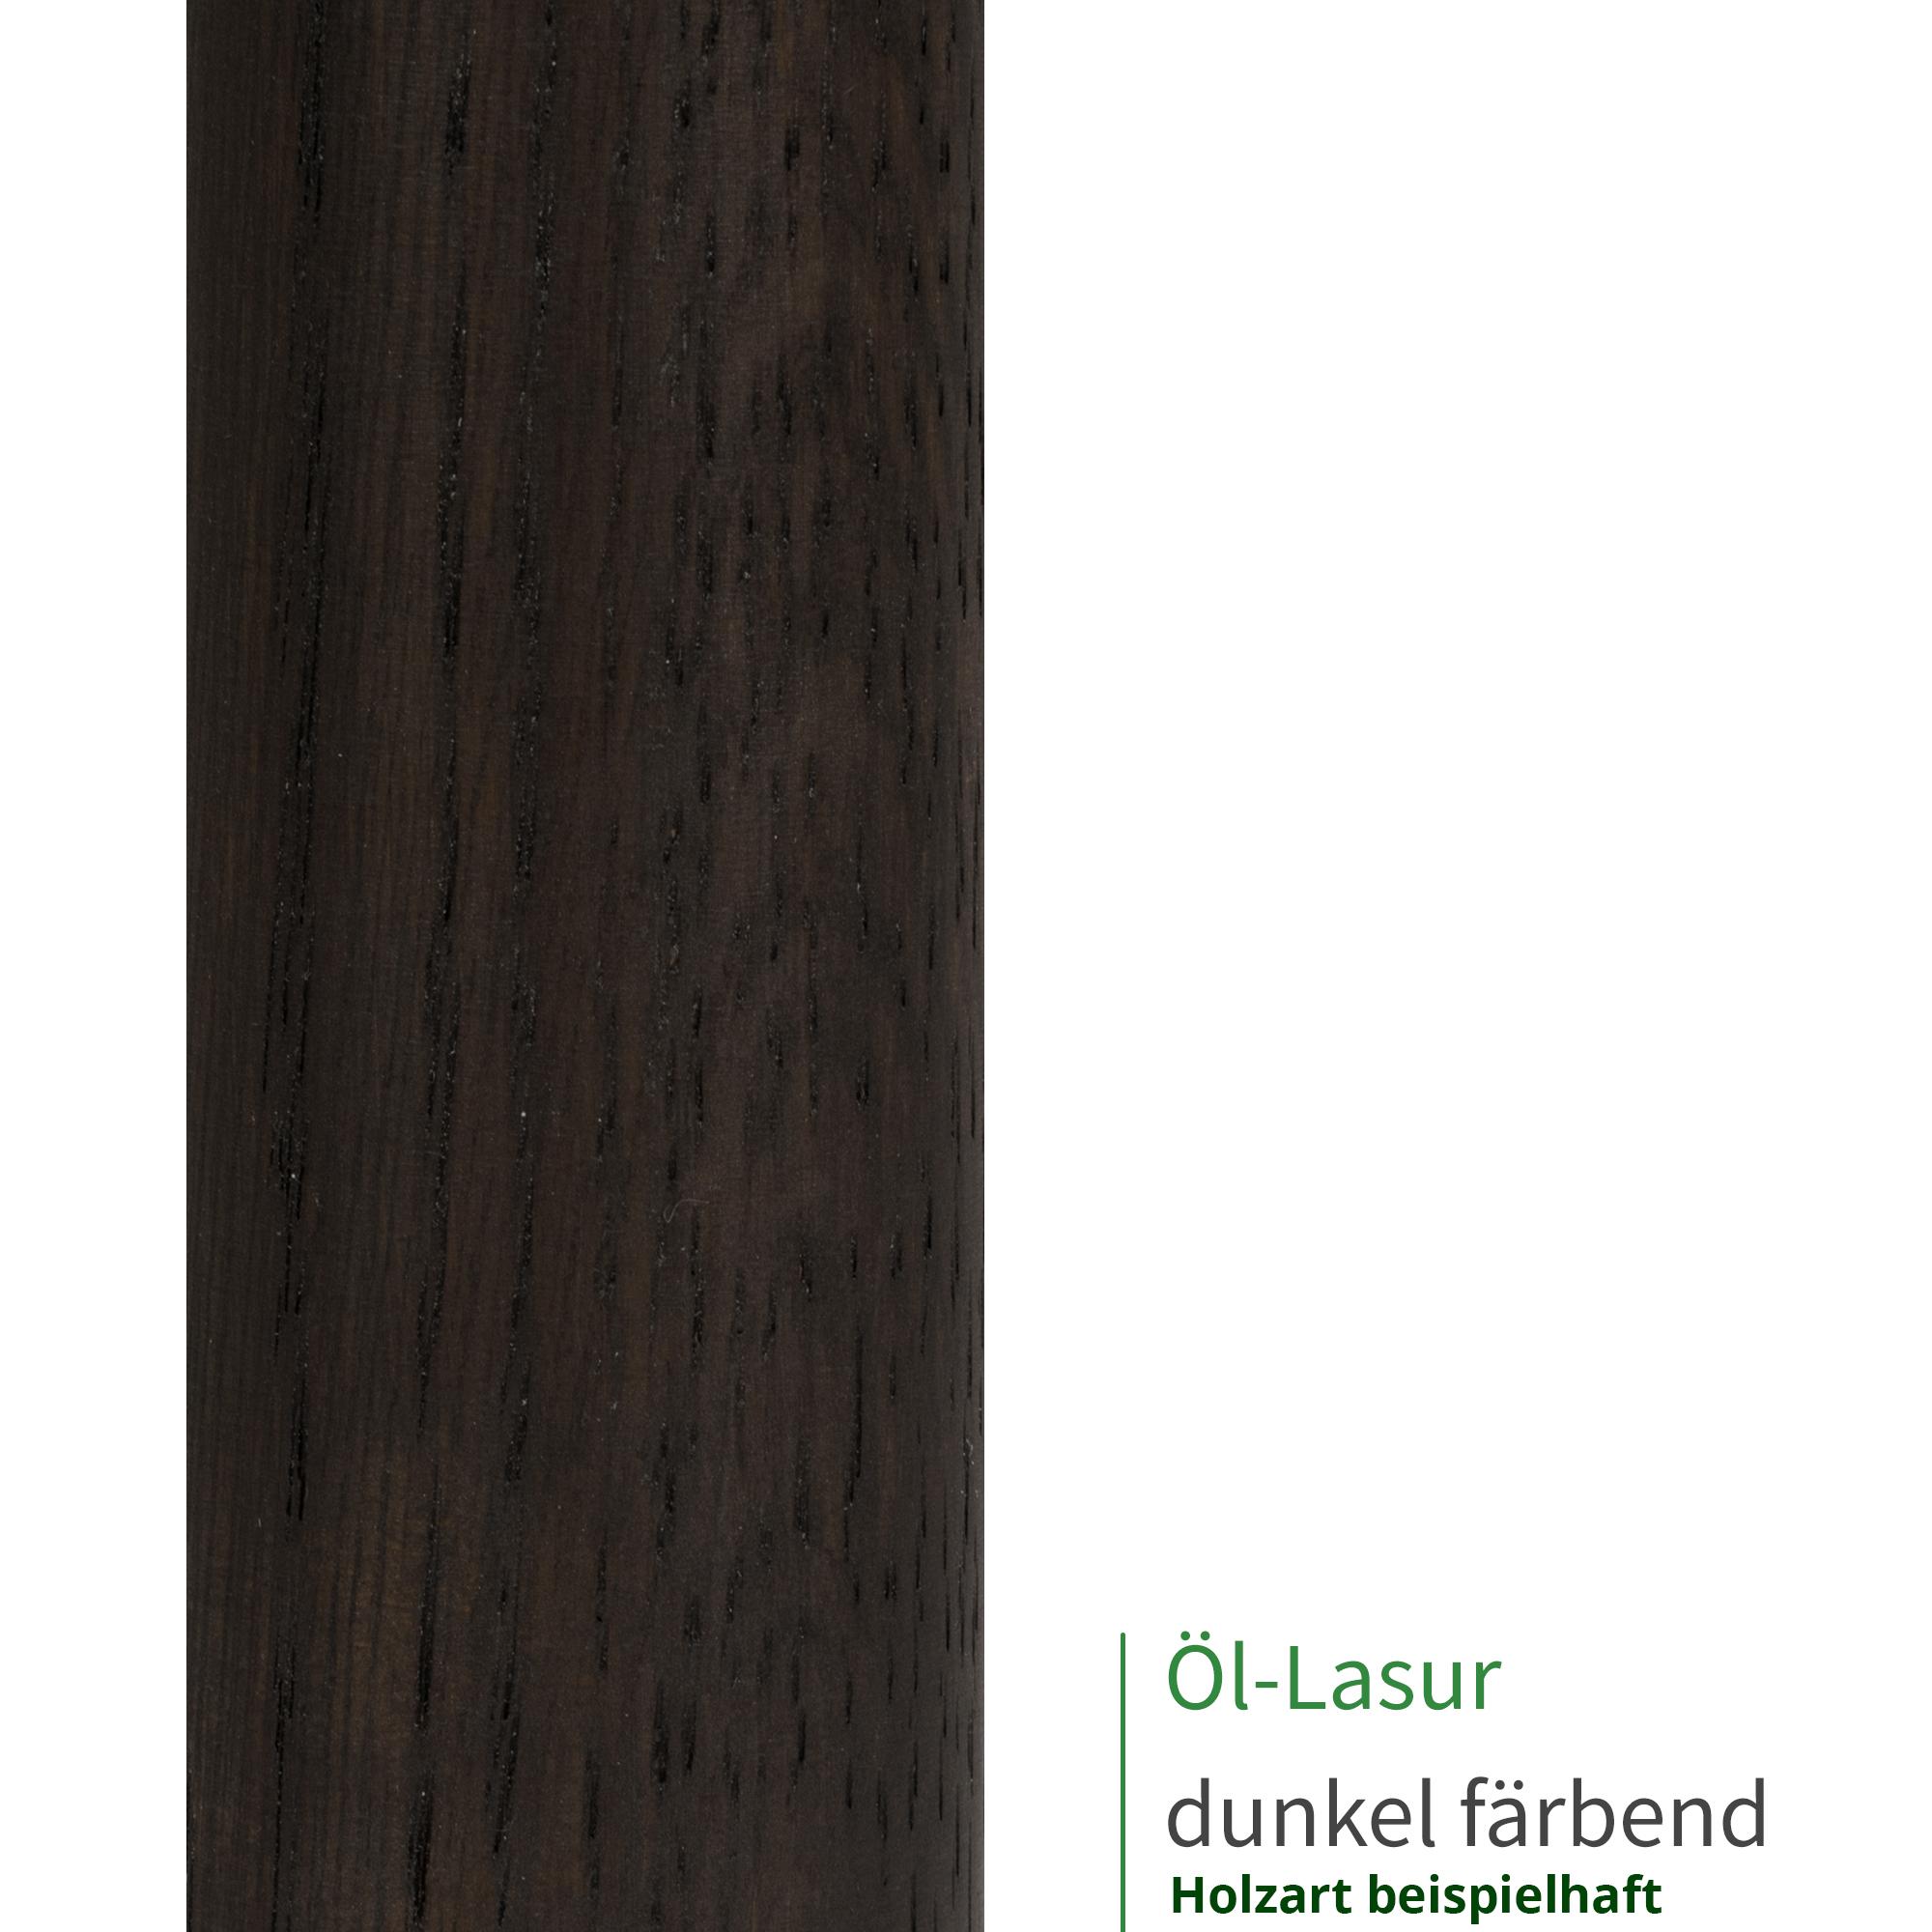 Buche Handlauf mit Radius u 430cm 5 Edelstahl-Halter Halter /Ø42mm in verschiedenen L/ängen